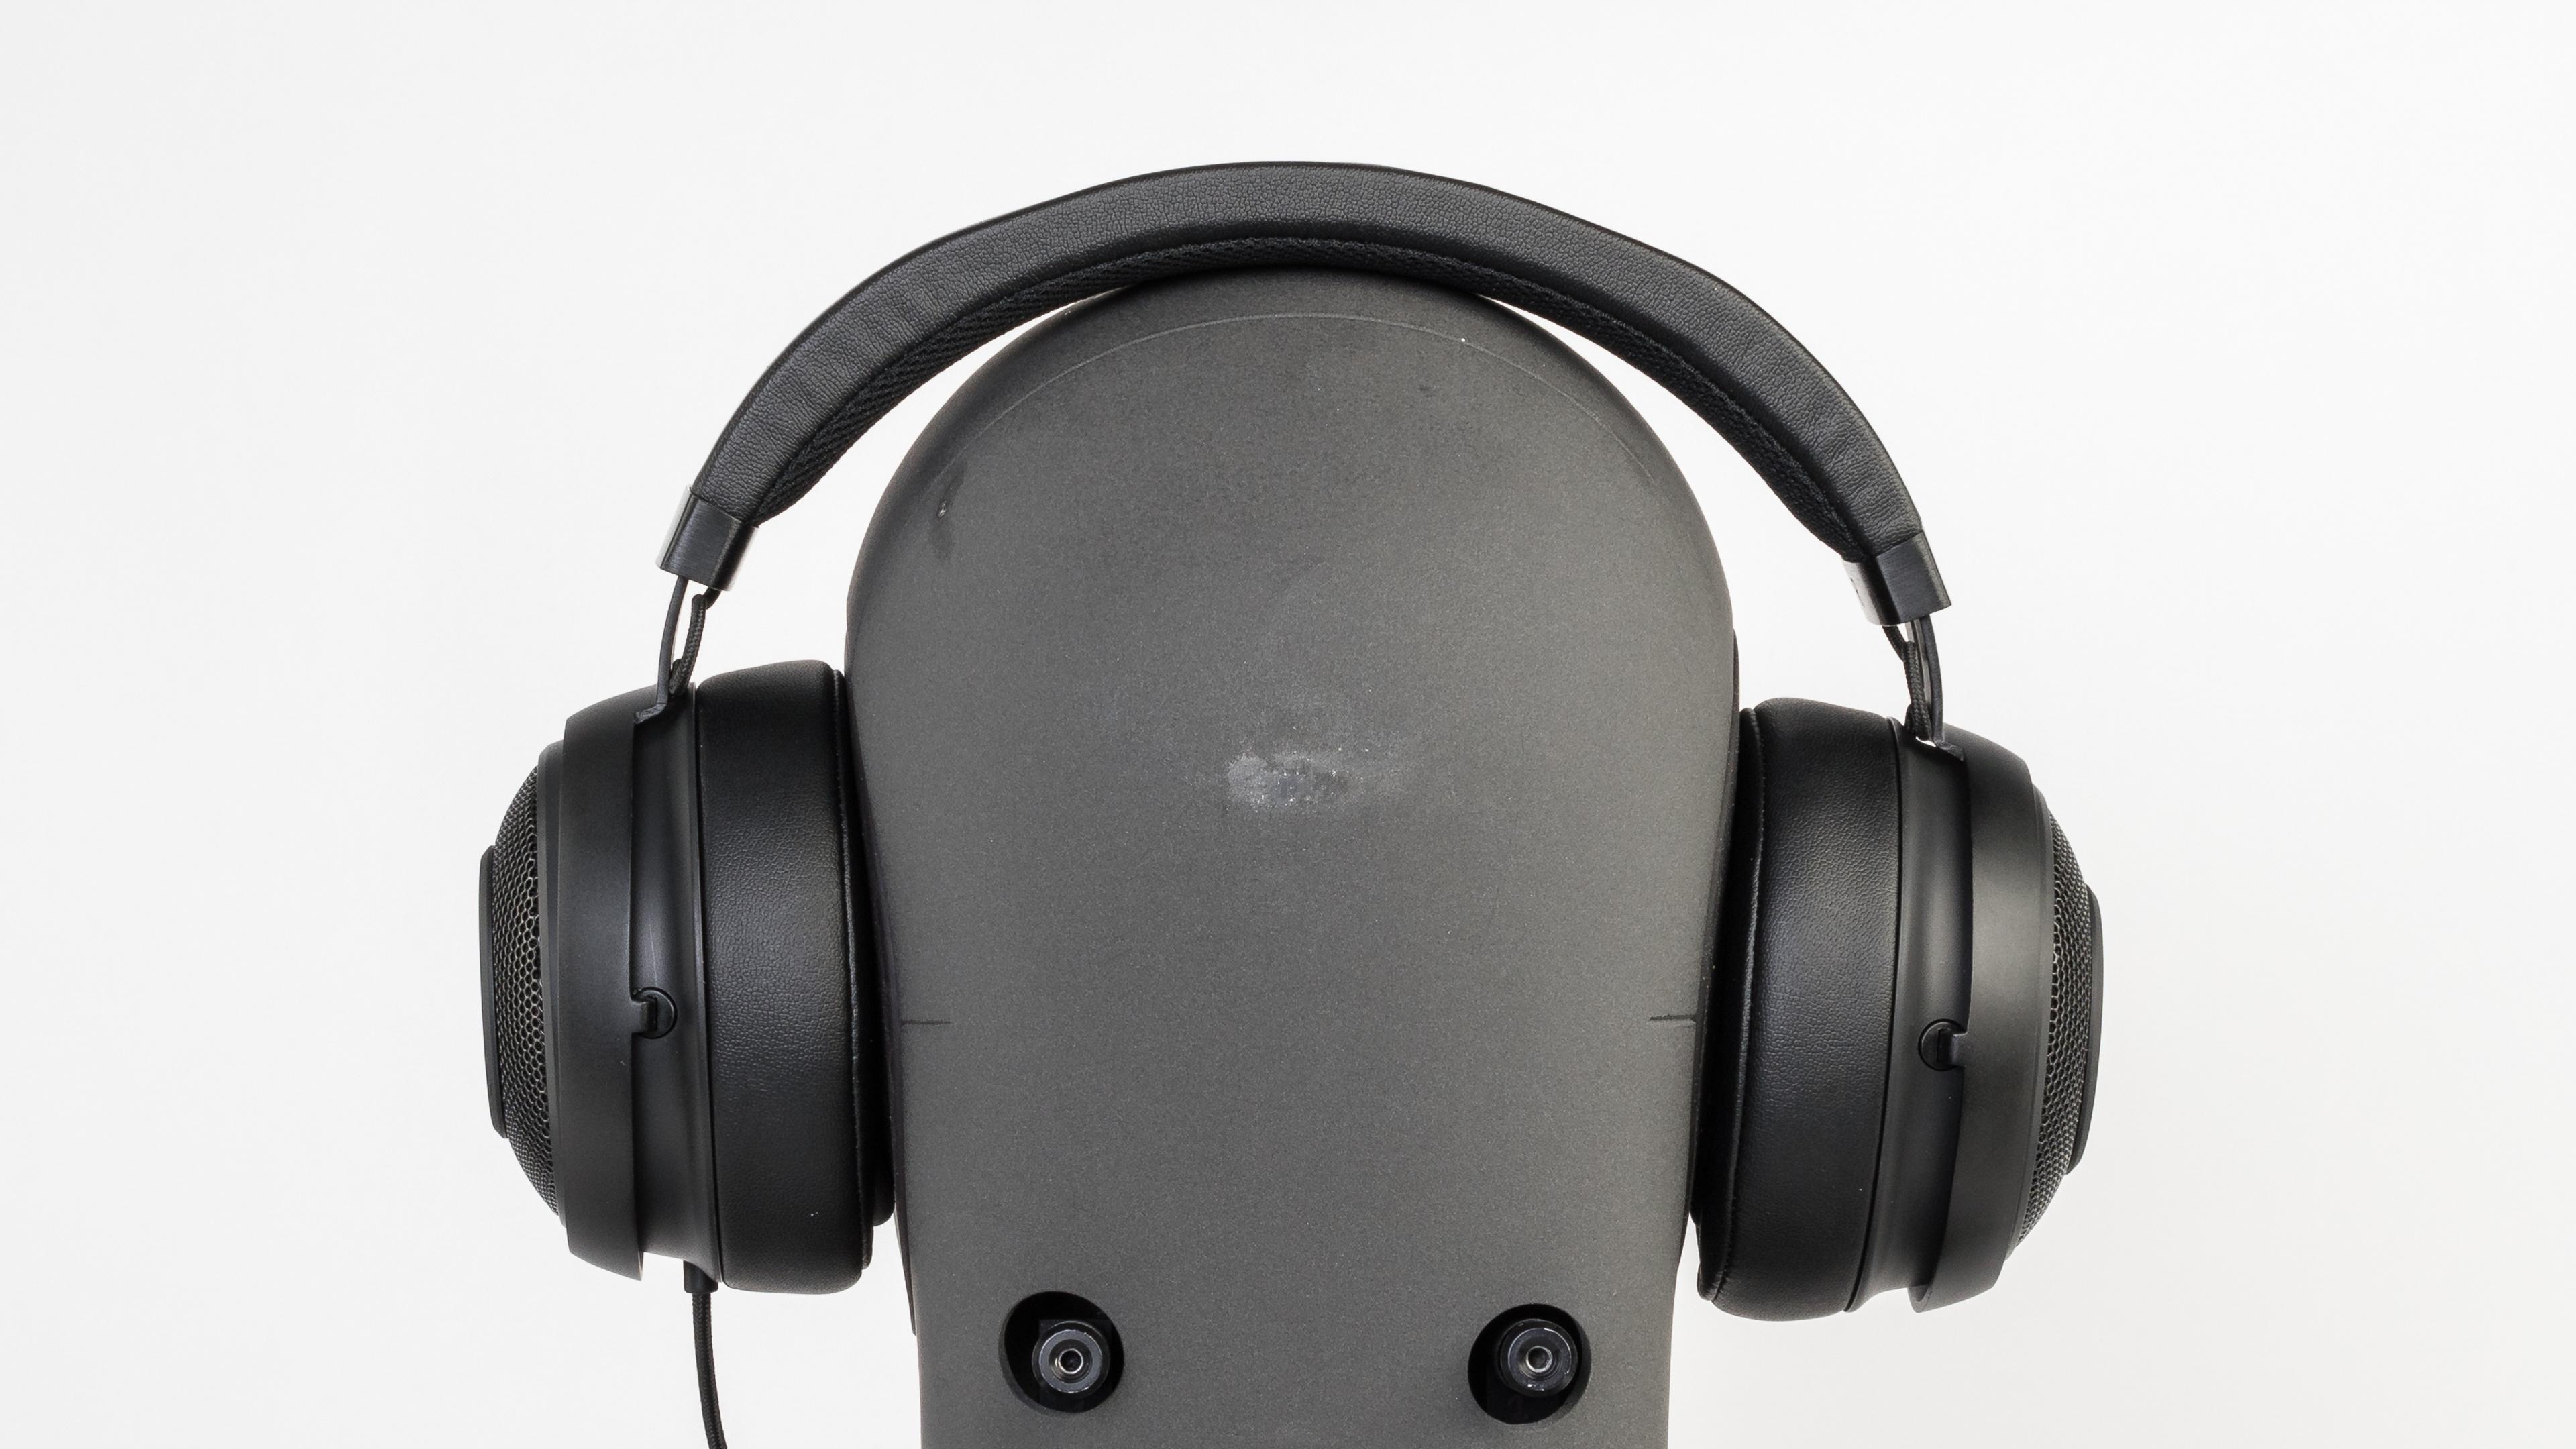 Razer Kraken Pro V2 Review Black Analog Gaming Headset Stability Picture